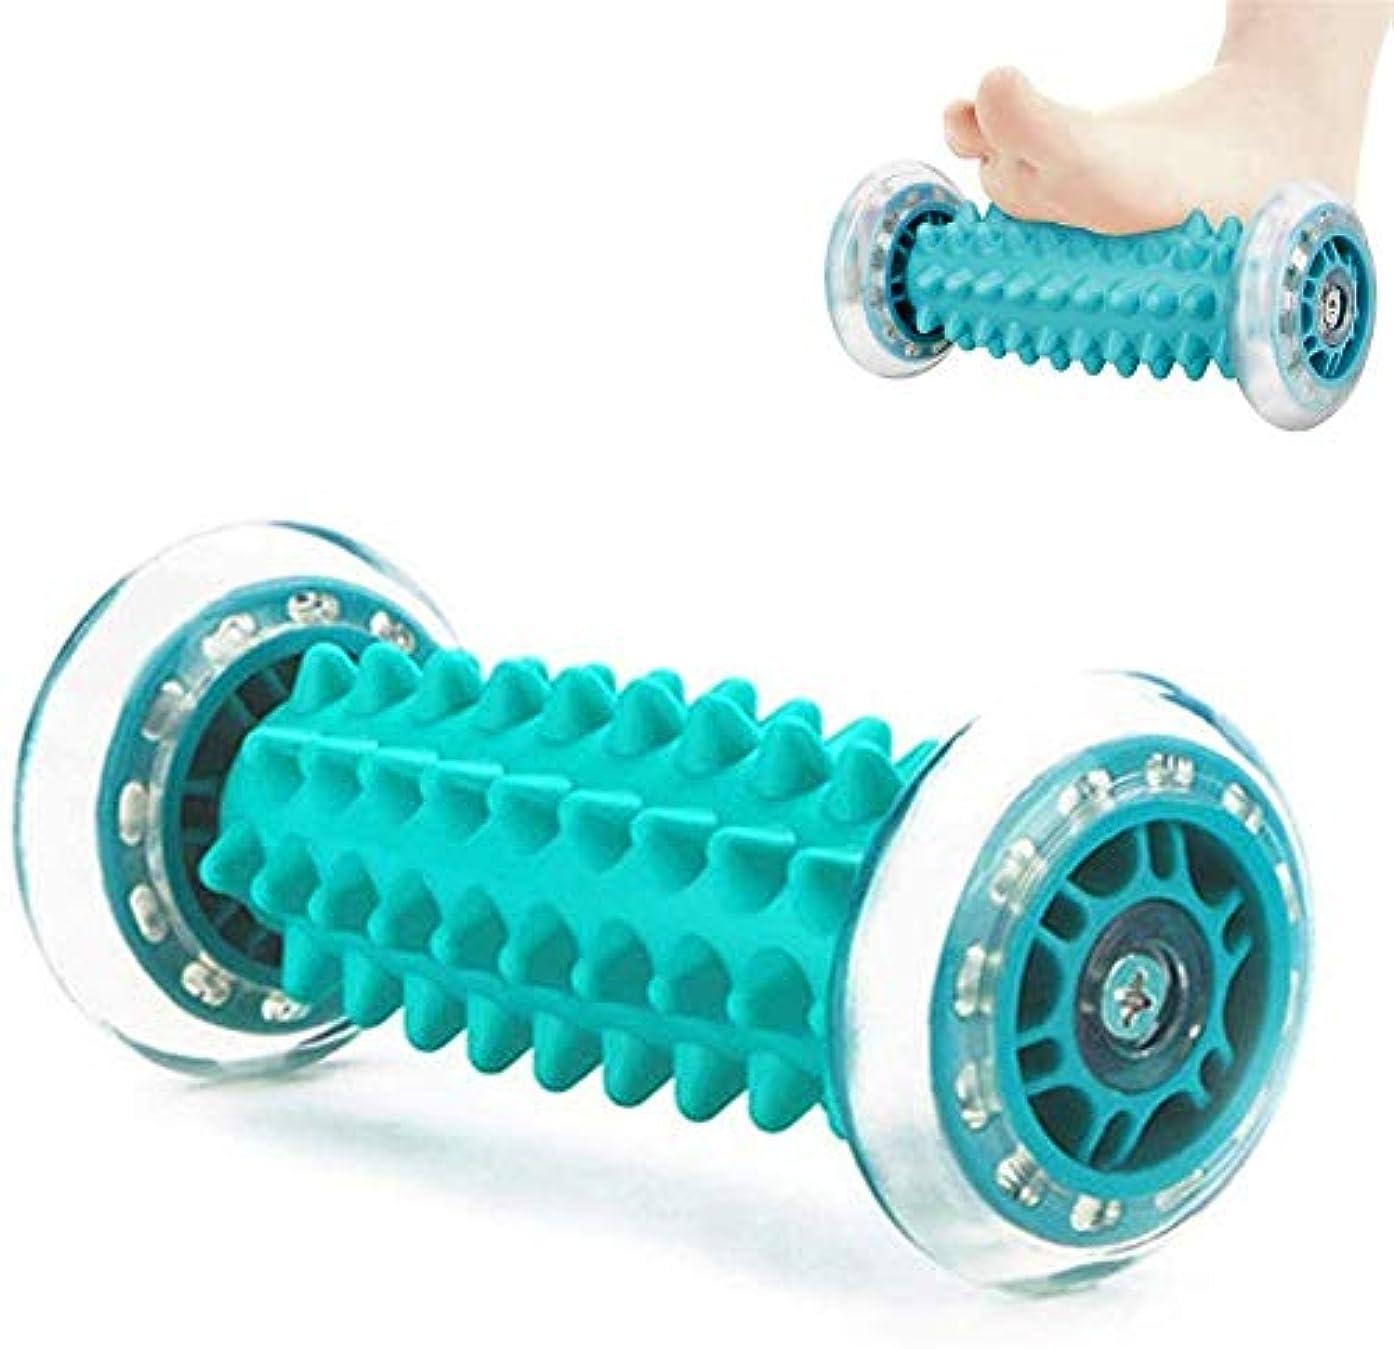 インディカ検出する放散するフットマッサージローラー、足や手のマッサージ救済ストレスとリラクゼーションマッサージ足底筋膜炎、ヒール&フットアーチの痛みのためのフットバック脚ハンドタイトな筋肉をリラックス